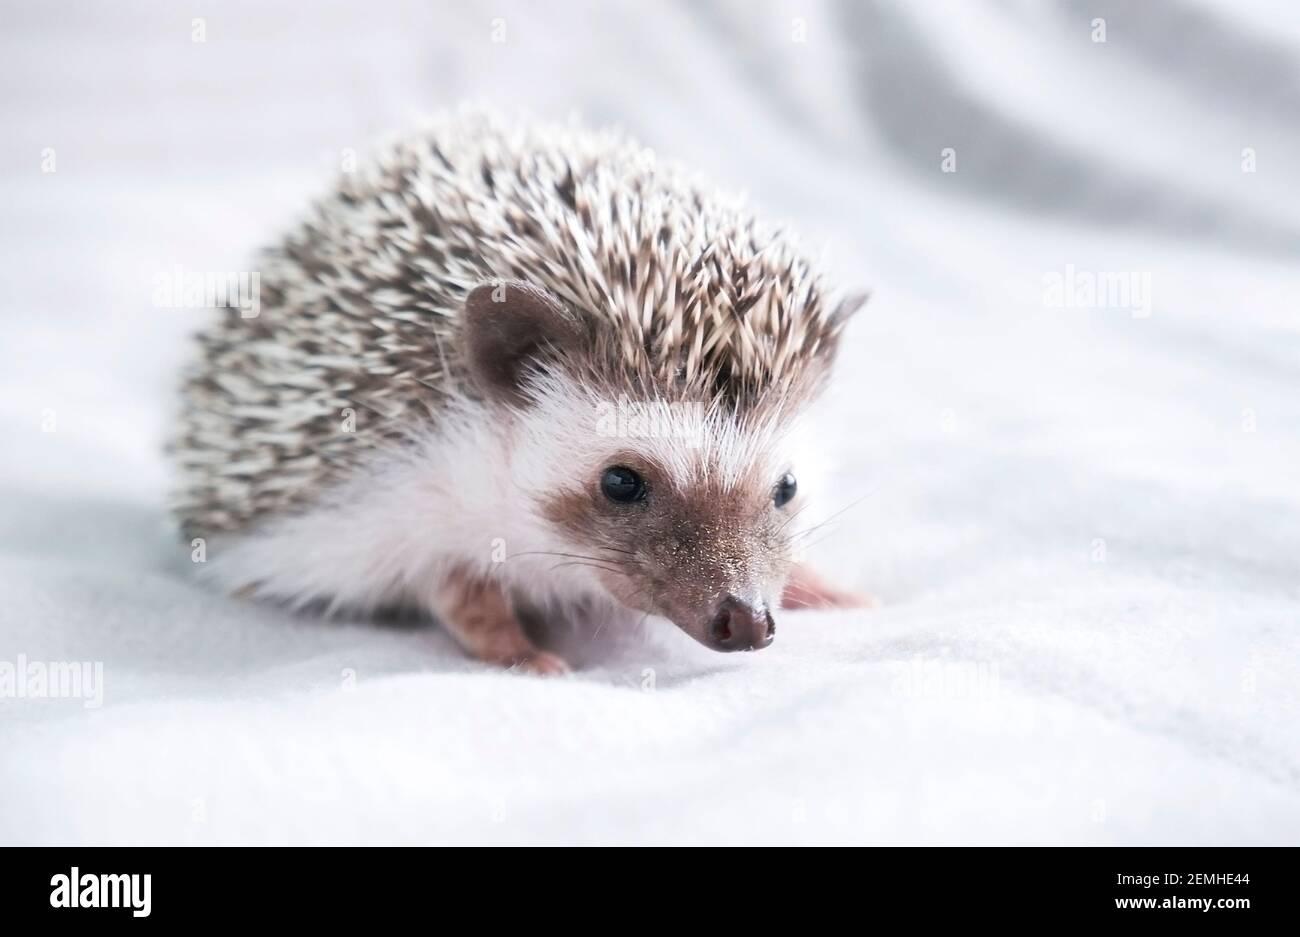 Enano decorativo africano hedgehog en casa. Hedgehog como mascota. Foto horizontal con poca profundidad de campo y enfoque selectivo. Foto de alta calidad Foto de stock